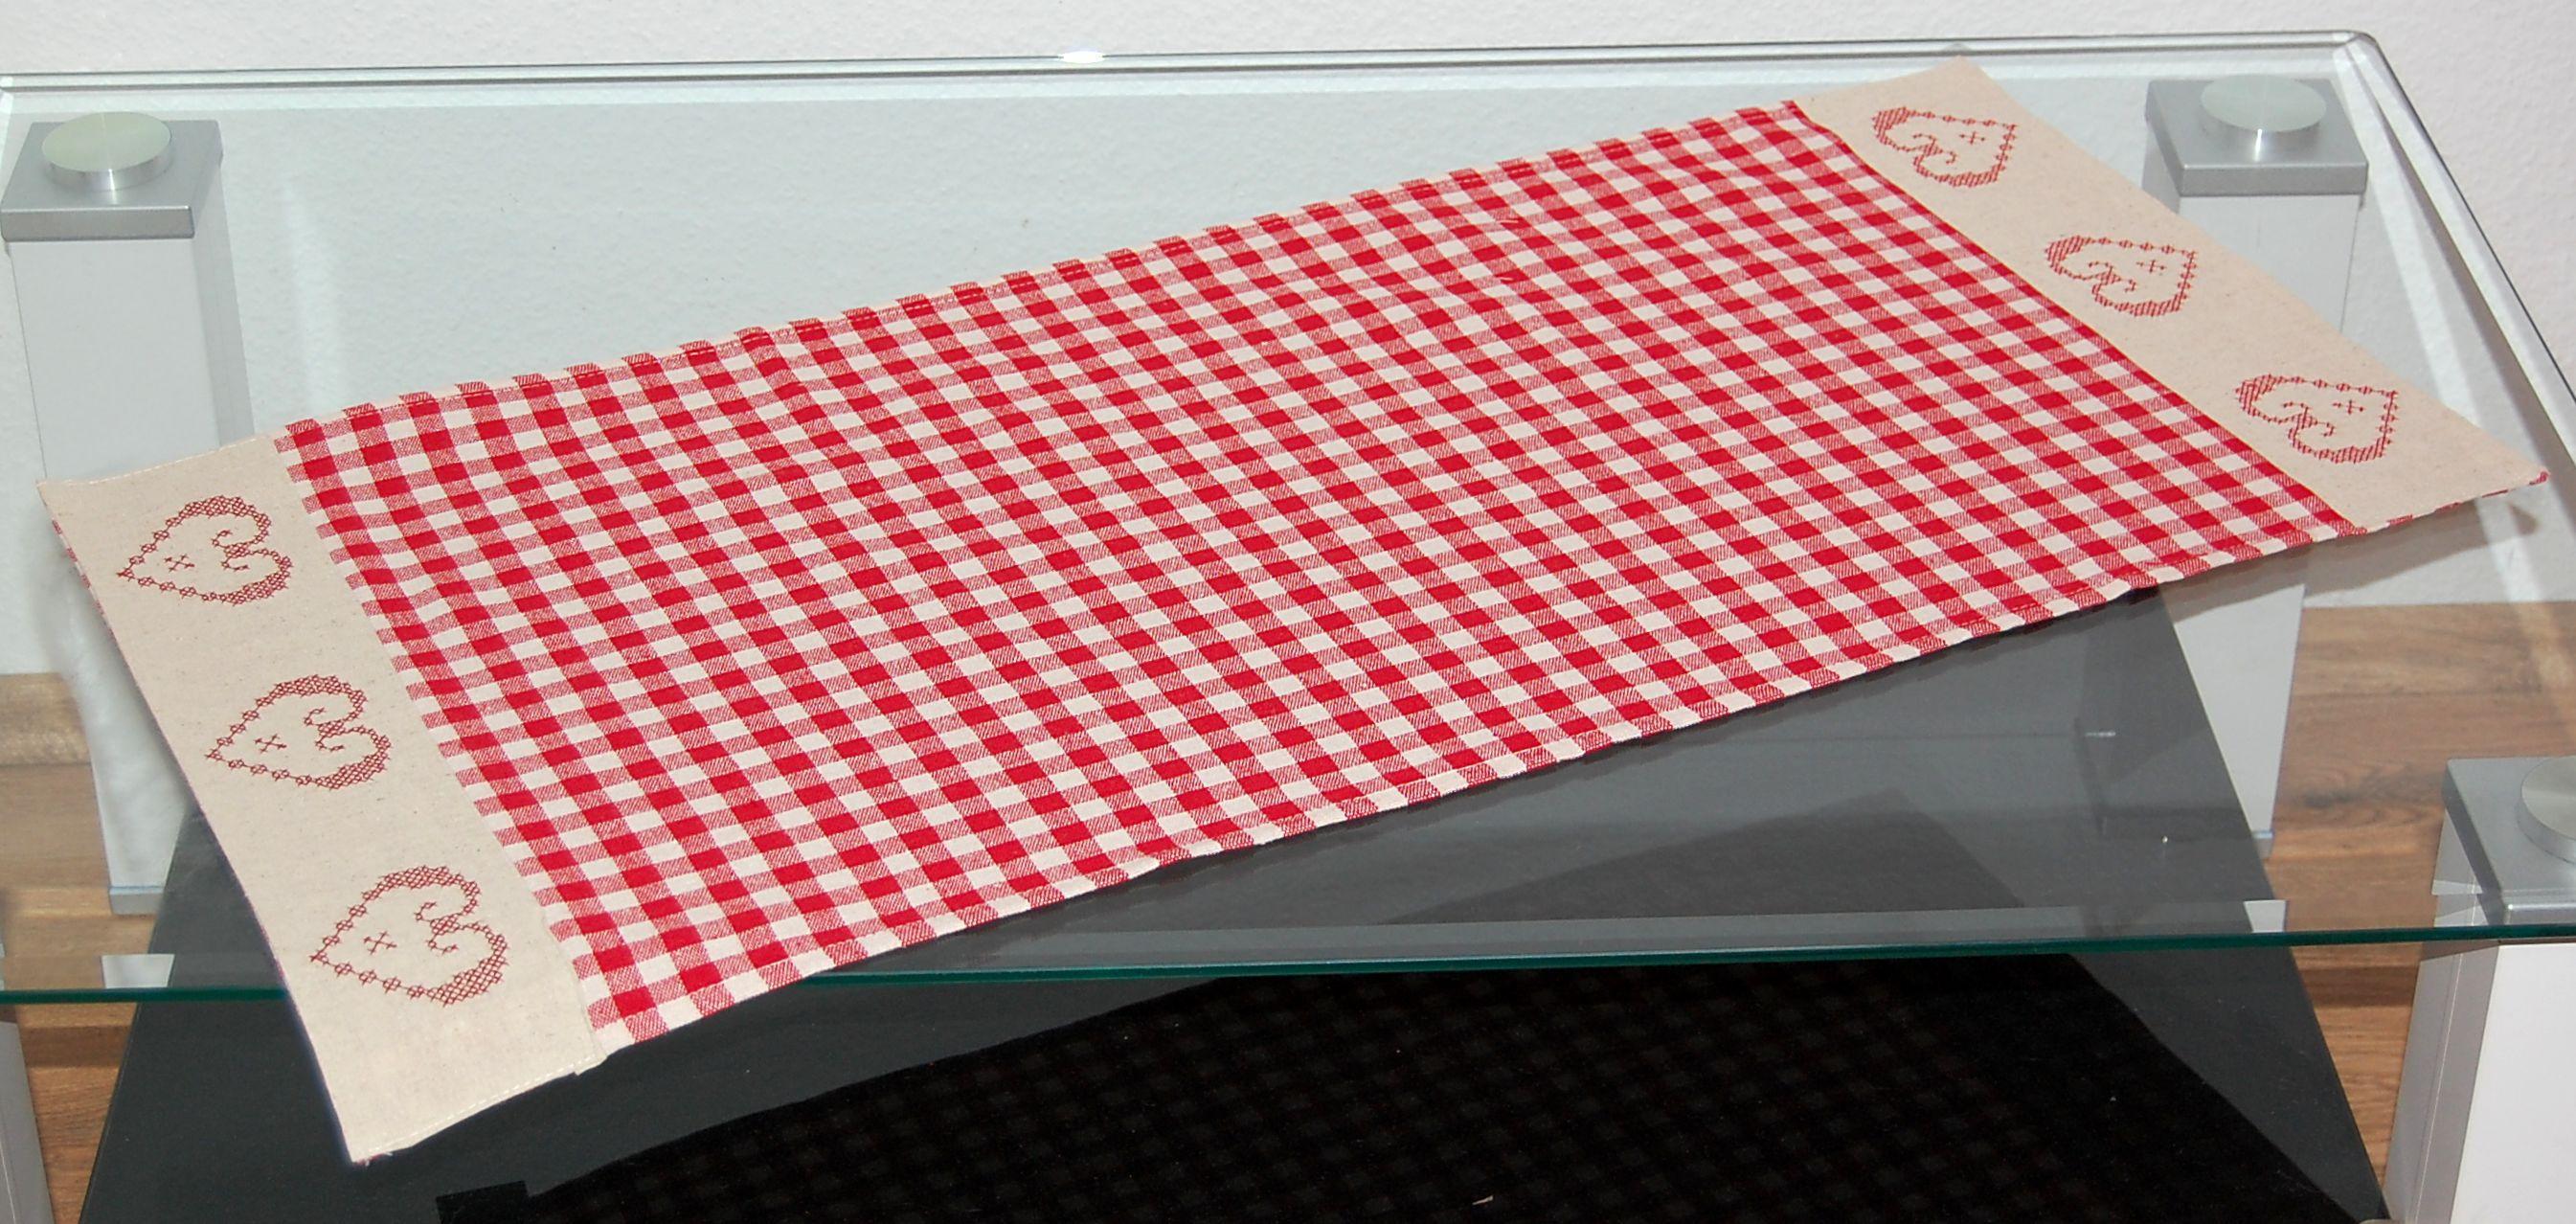 tischdecke tischl ufer l ufer k chen decke baumwolle beige rot kariert 40x85 cm ebay. Black Bedroom Furniture Sets. Home Design Ideas